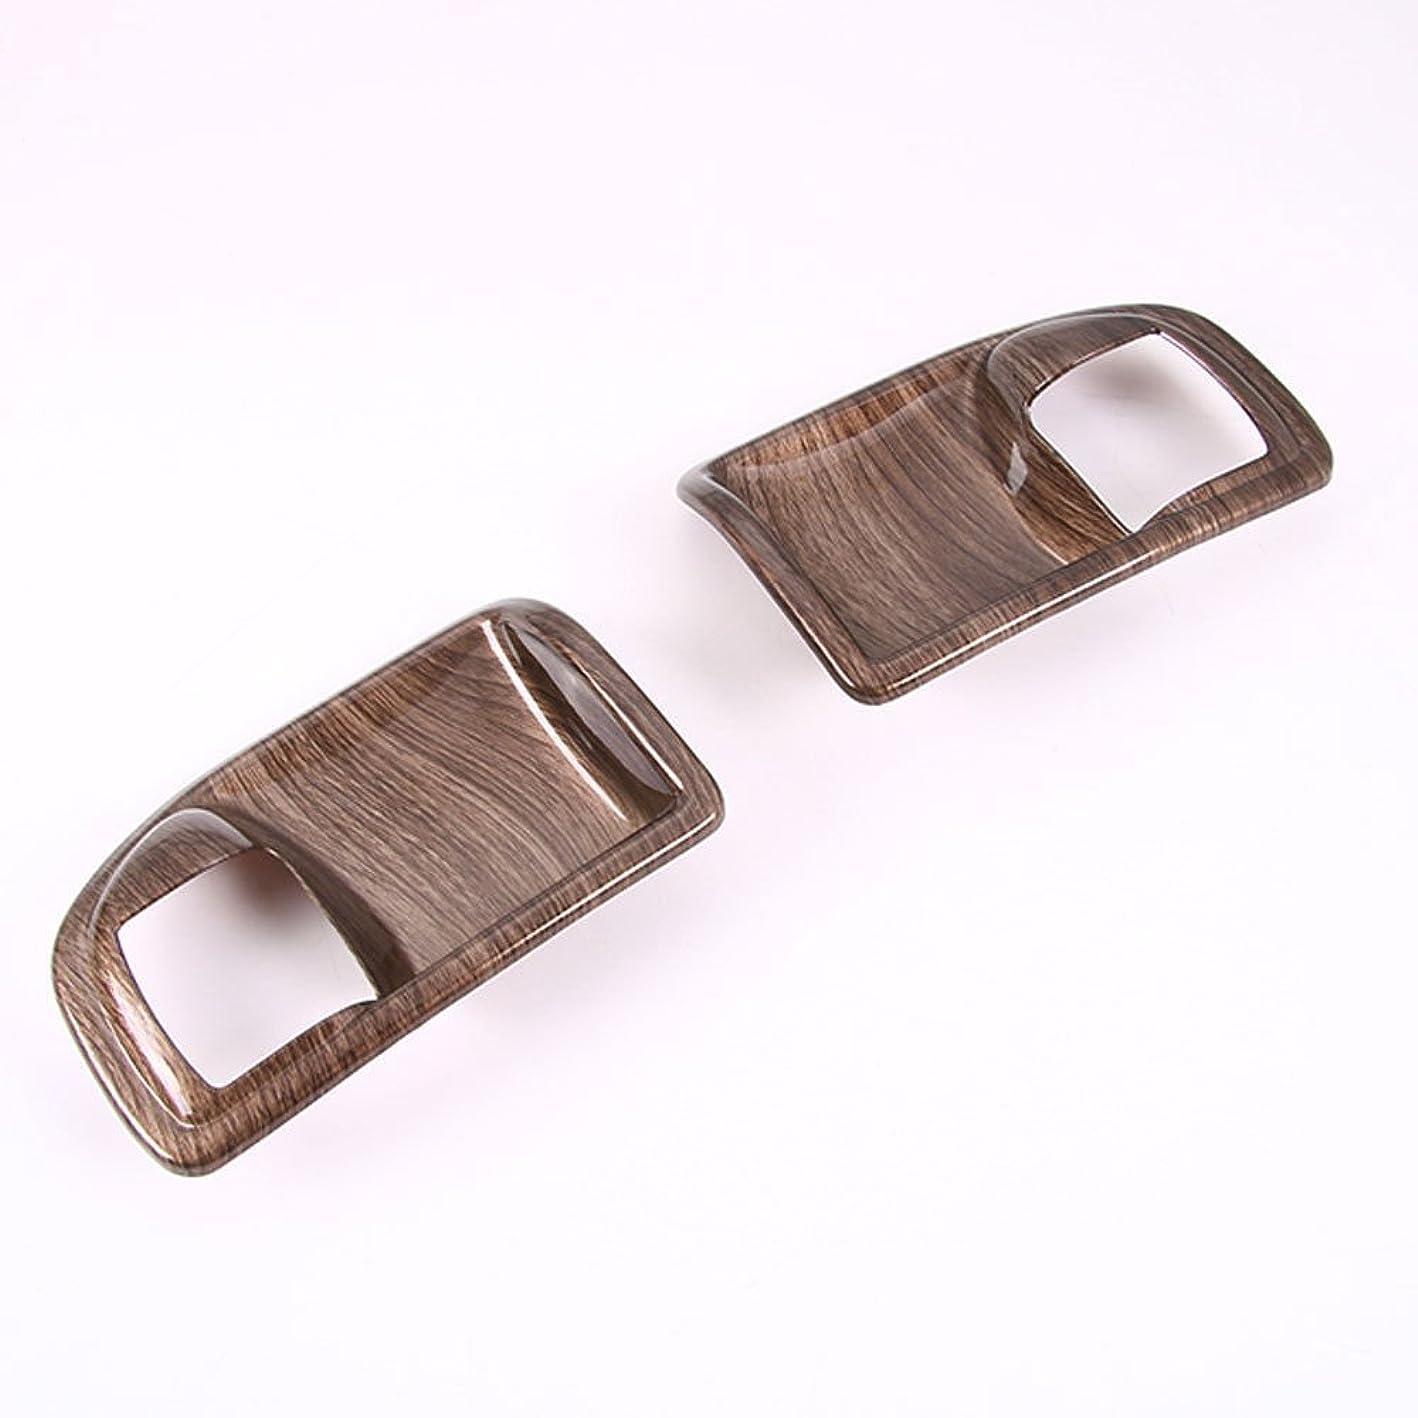 保存オデュッセウス家具Jicorzo - Interior Door Handle Bowl Cover Trim Chrome ABS Frame Car Styling For Jeep Wrangler Rubicon JK 2007-2017 2 Doors Car Accessories [Wooden Grain]